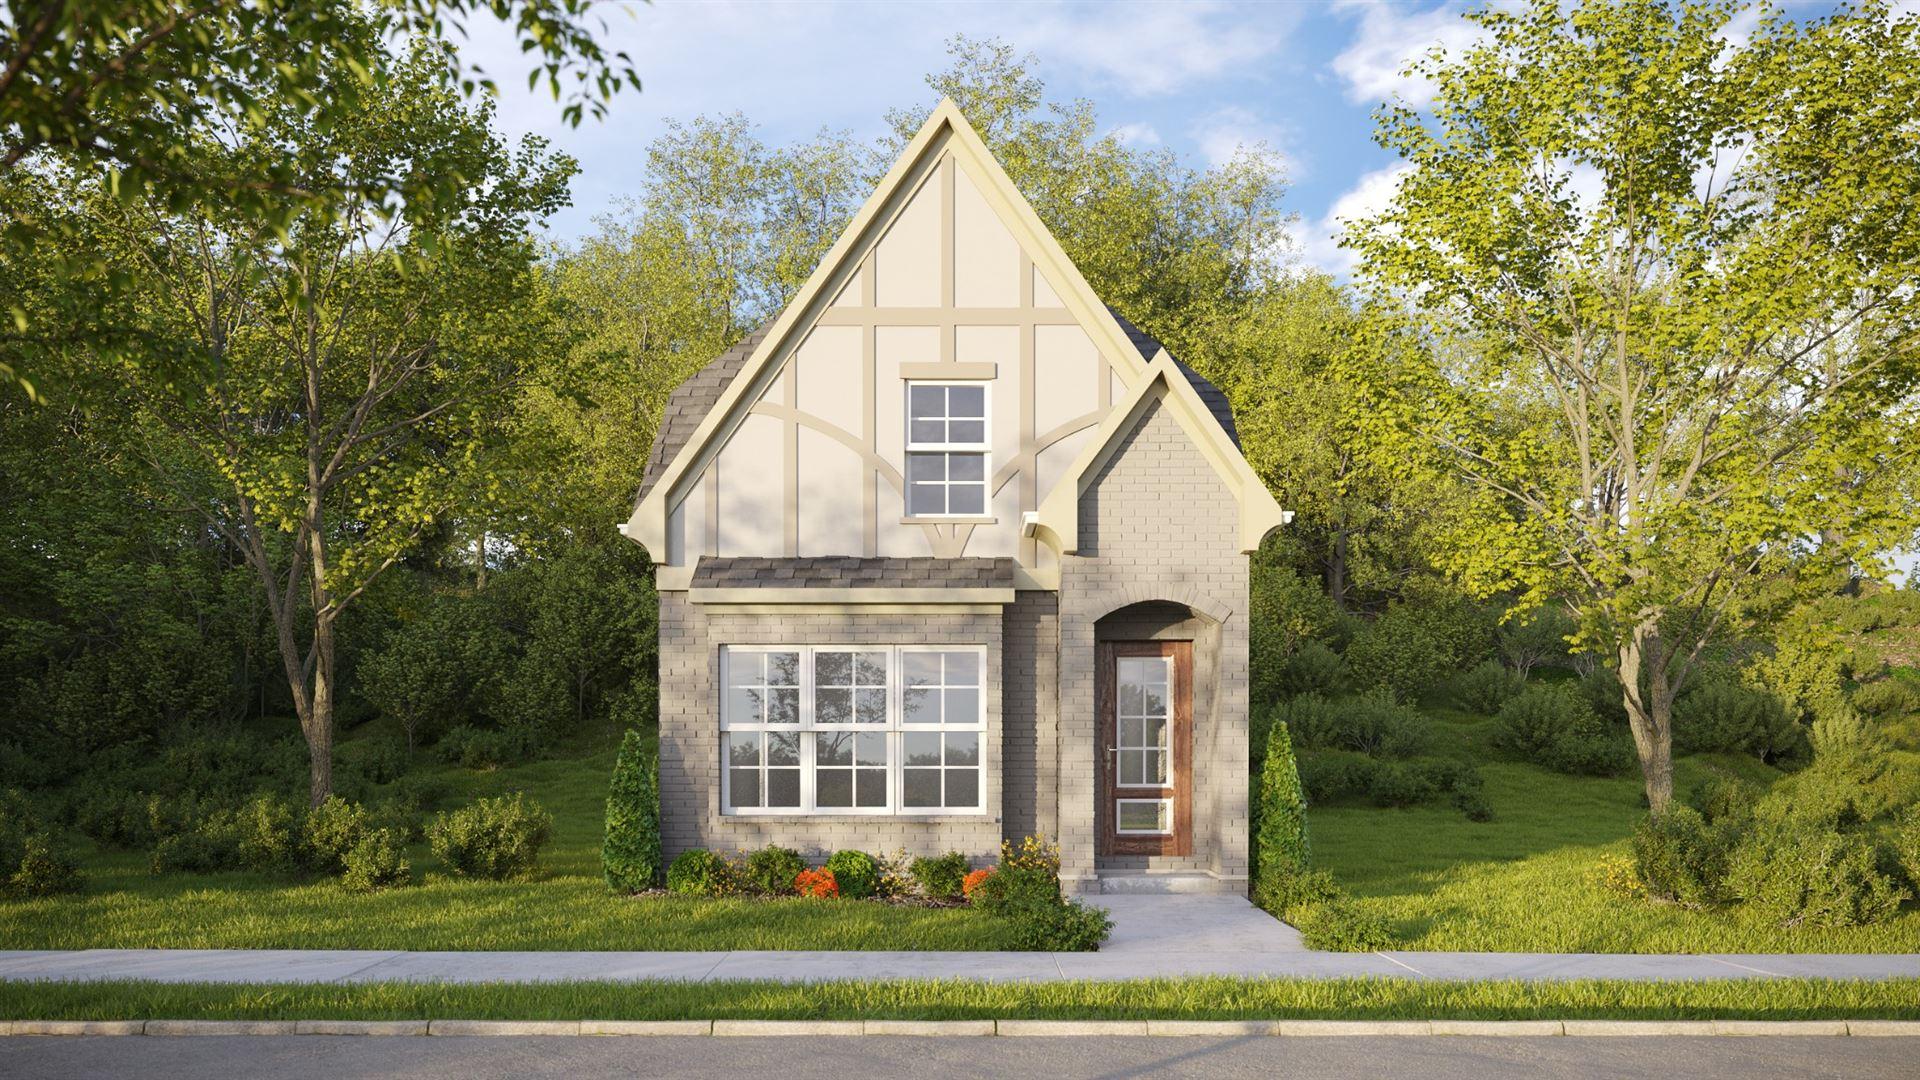 6 Oasis Drive, Nolensville, TN 37086 - MLS#: 2237510